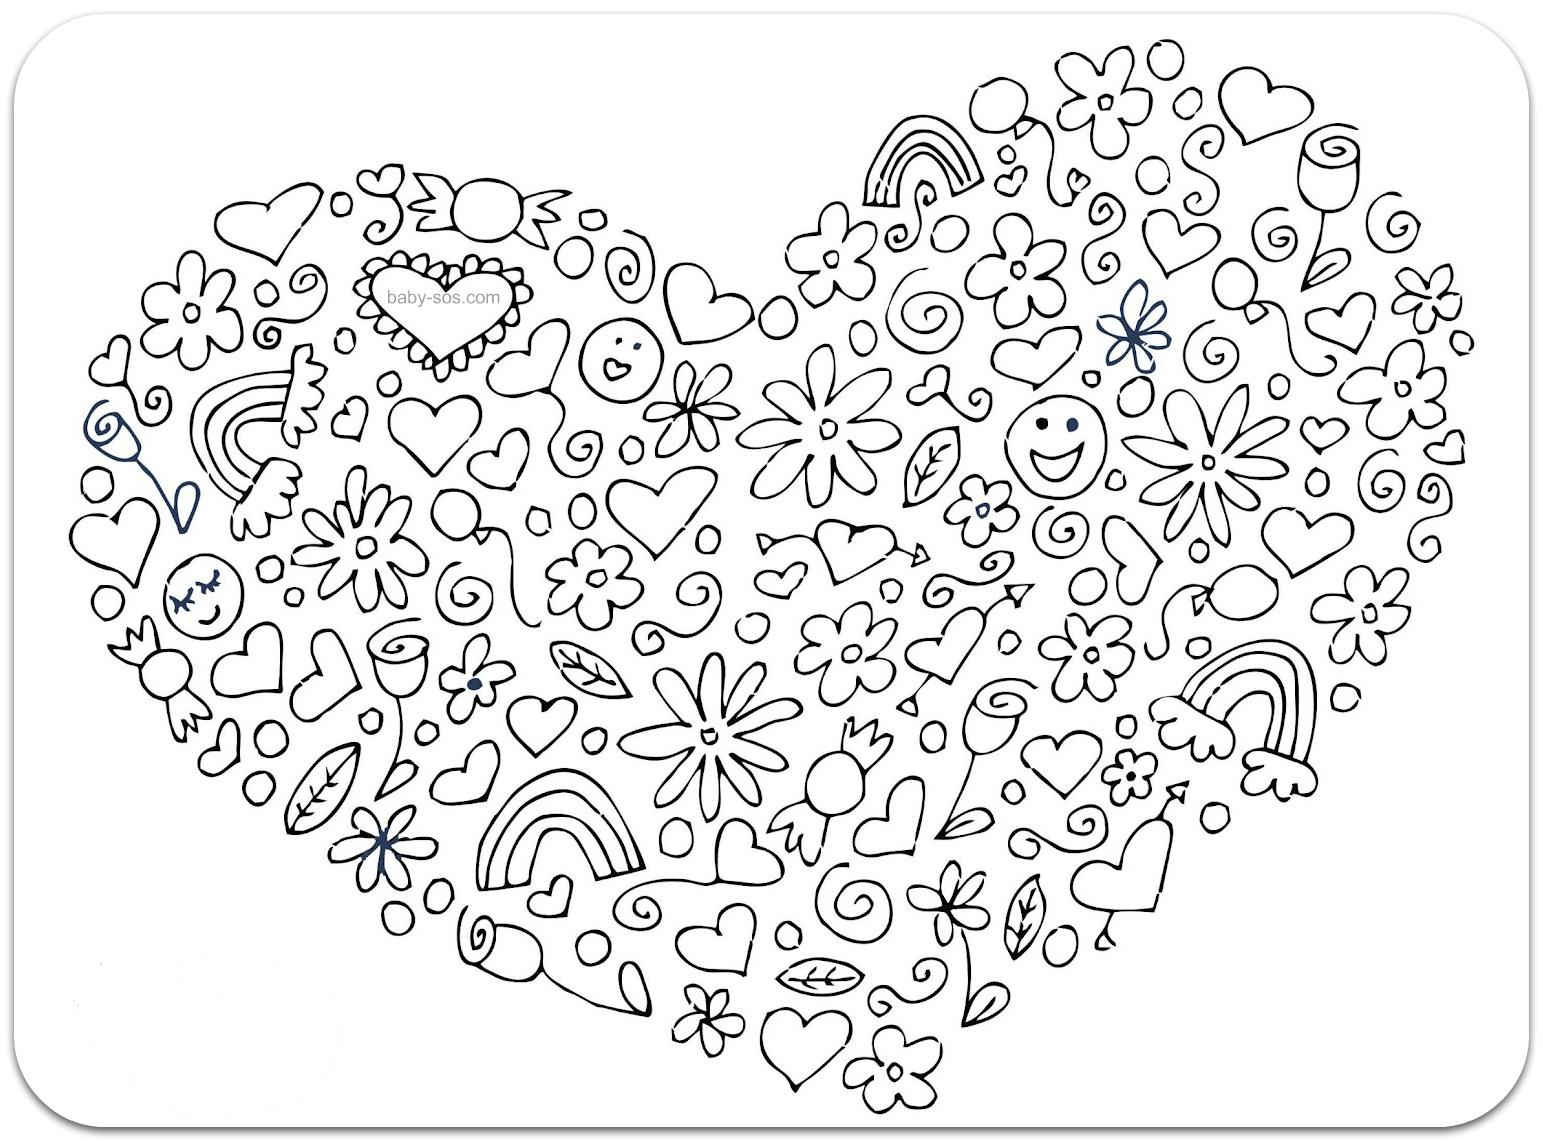 Сложные раскраски для девочек онлайн